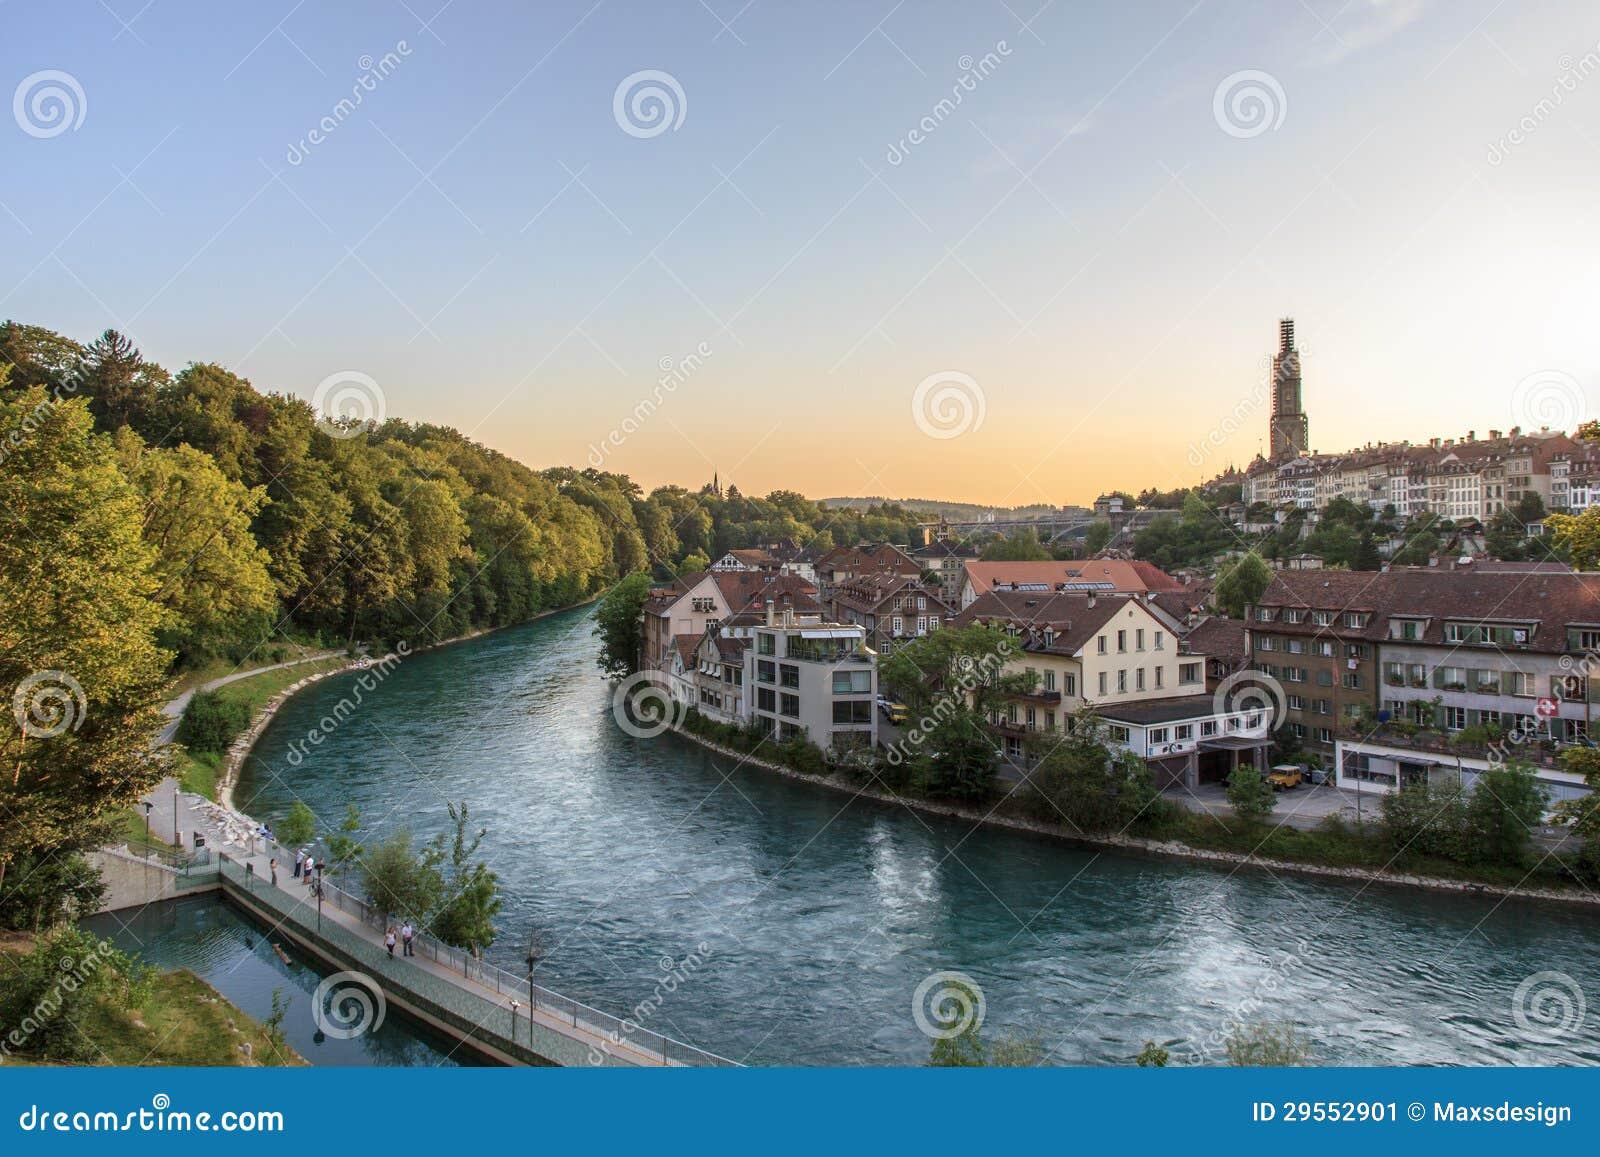 River Aar, Bern, Switzerland